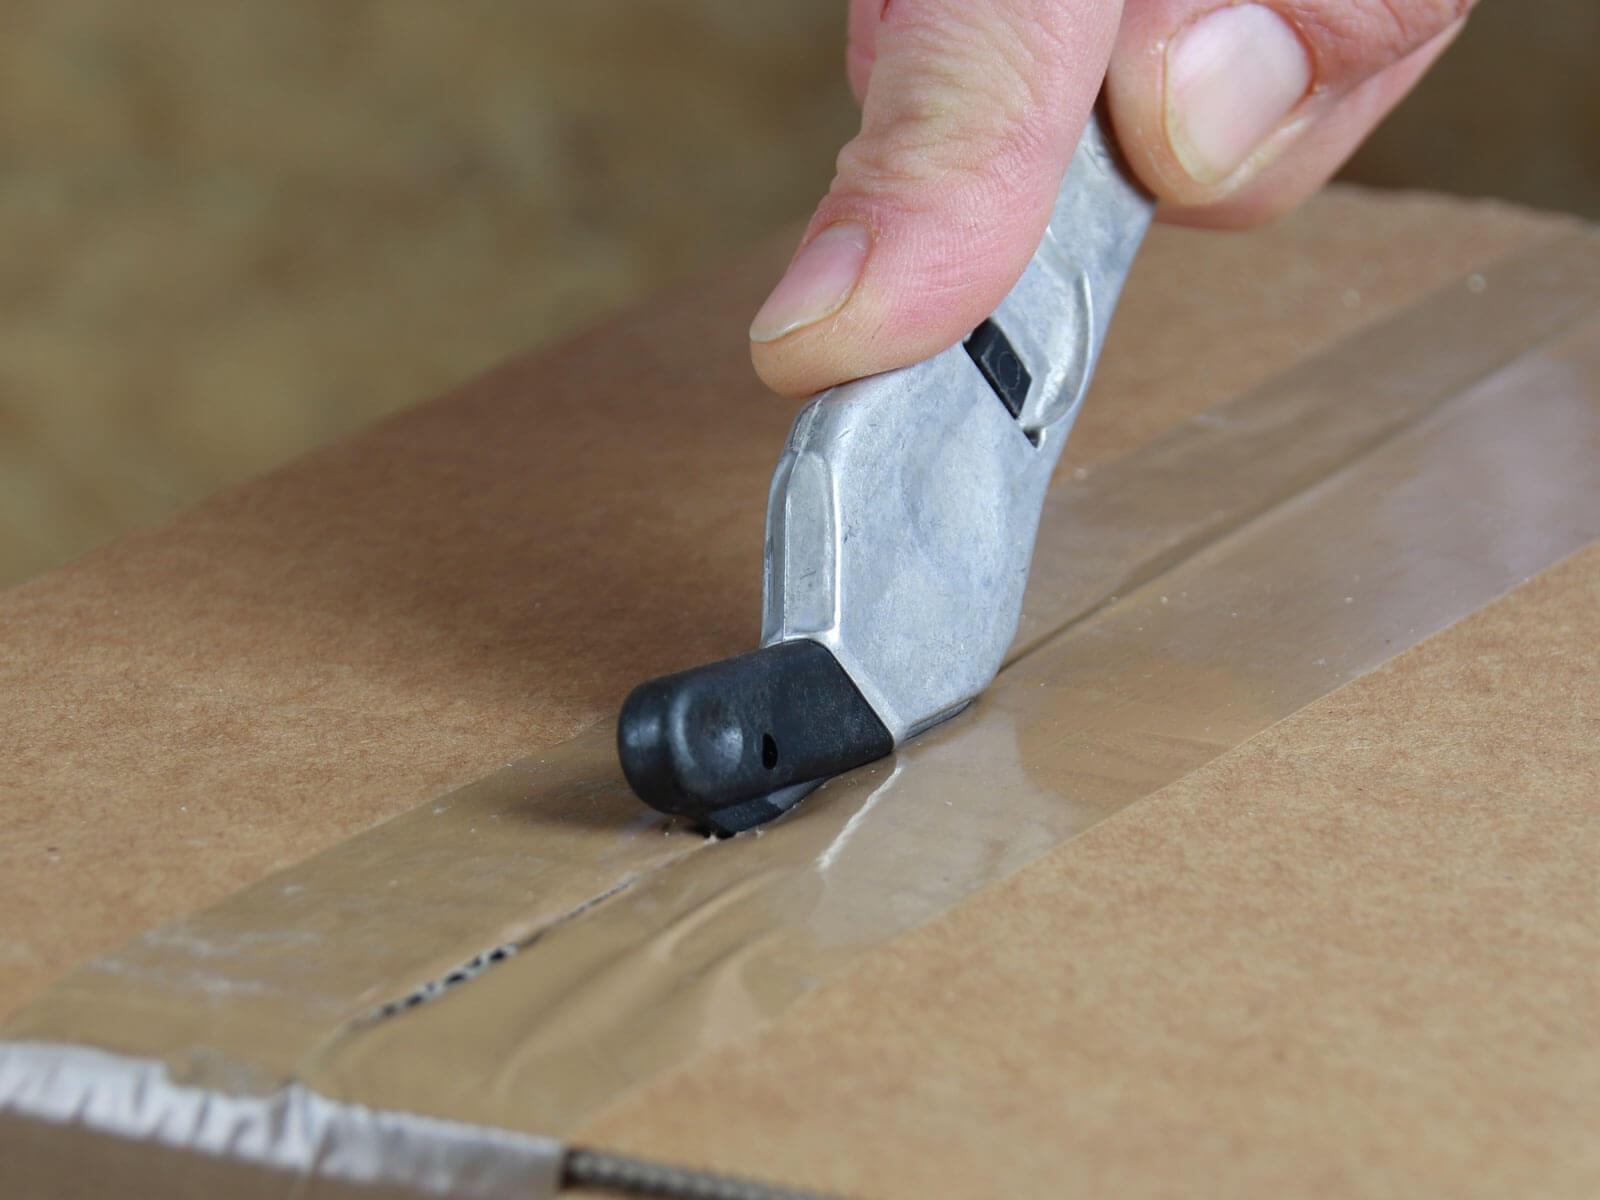 H032P Sicherheitsmesser Schutzhaken metall Klebeband schneiden CURT-tools